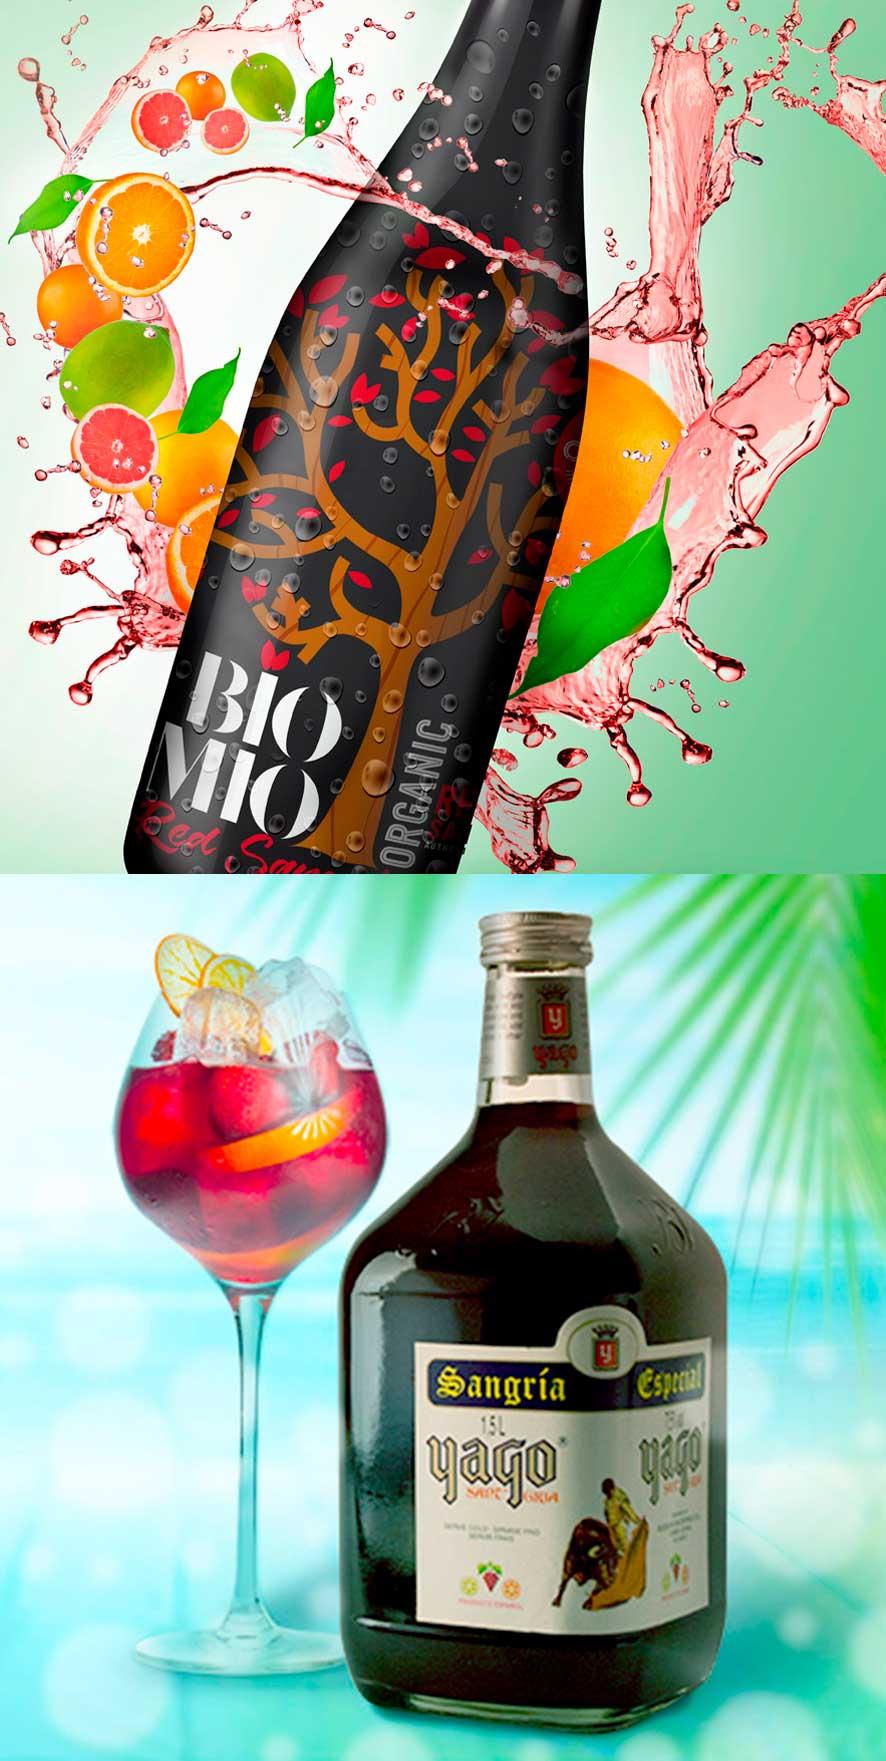 Organic Bio MIo | Bodegas Valdepablo